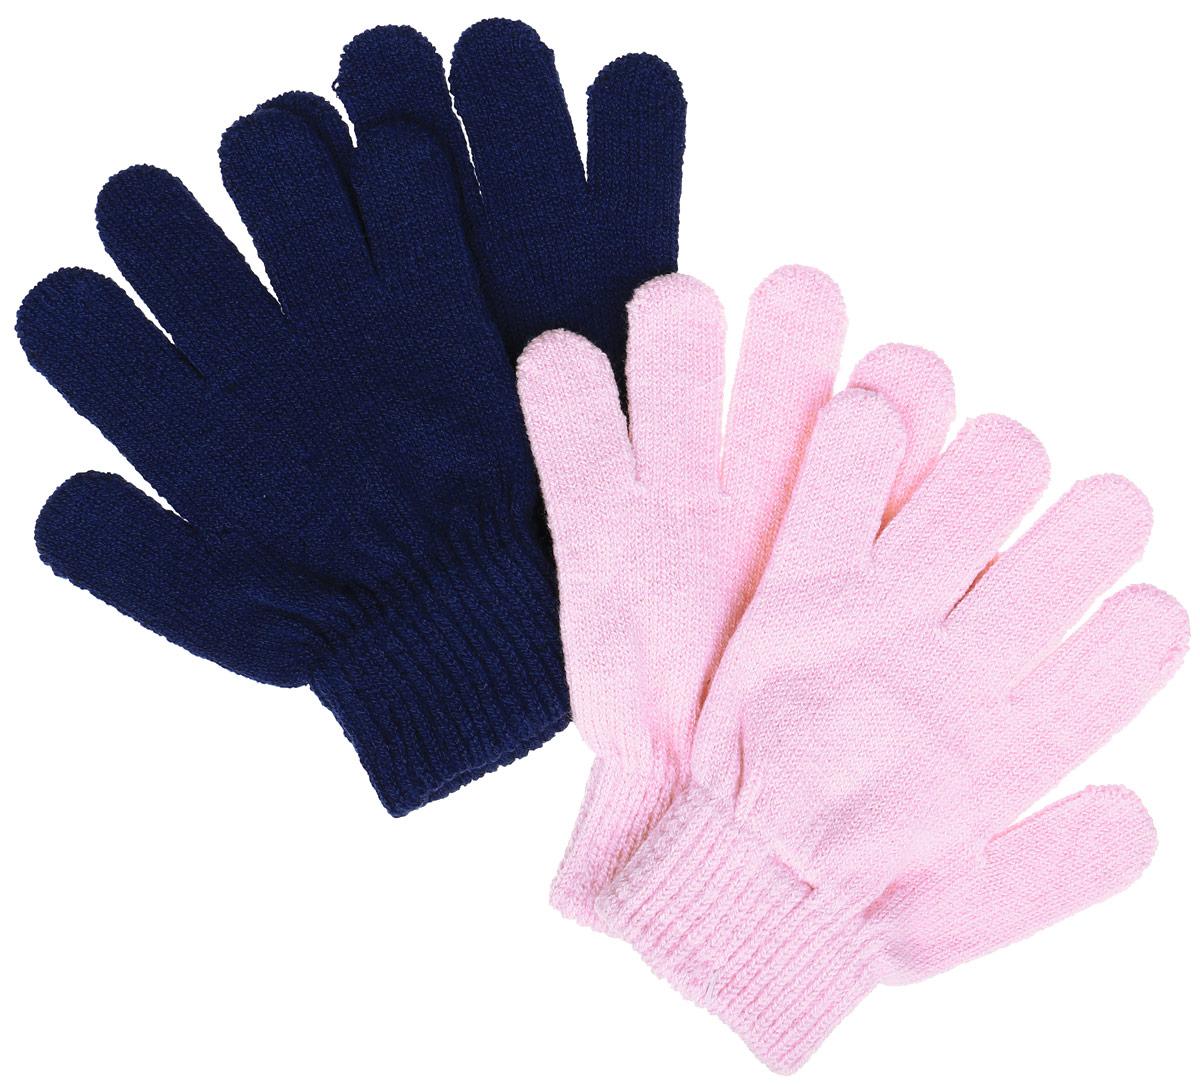 Перчатки детские362029Вязаные перчатки для девочки PlayToday идеально подойдут для прогулок в прохладное время года. Изготовленные из высококачественного материала, очень мягкие и приятные на ощупь, не раздражают нежную кожу ребенка, обеспечивая ему наибольший комфорт, хорошо сохраняют тепло. Уютная модель выполнена на мягкой резинке, которая не стягивает запястья и надежно фиксирующими перчатки на ручках ребенка. Современный дизайн и расцветка делают эти перчатки модным и стильным предметом детского гардероба. В них ваша малышка будет чувствовать себя уютно и комфортно.